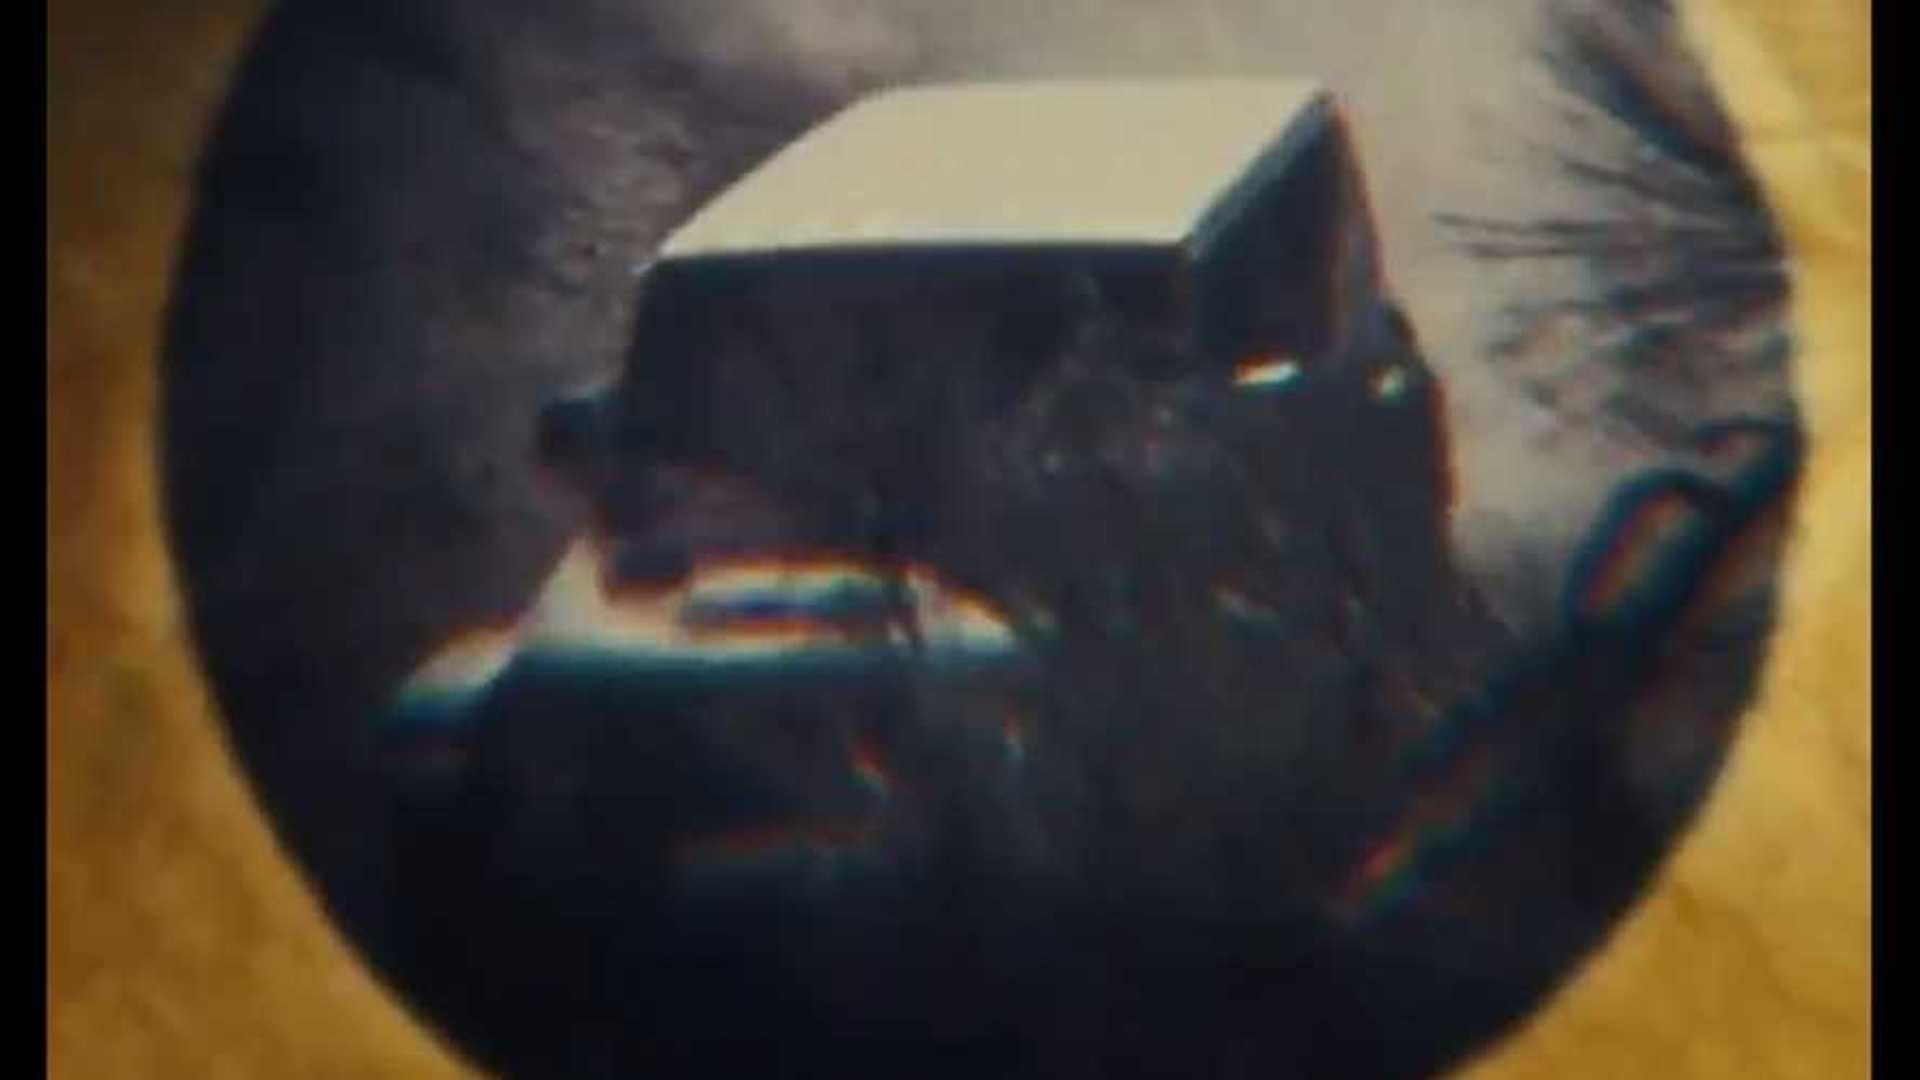 Jeep публикует видео Weird Wrangler «Future», которое может стать загадочным тизером